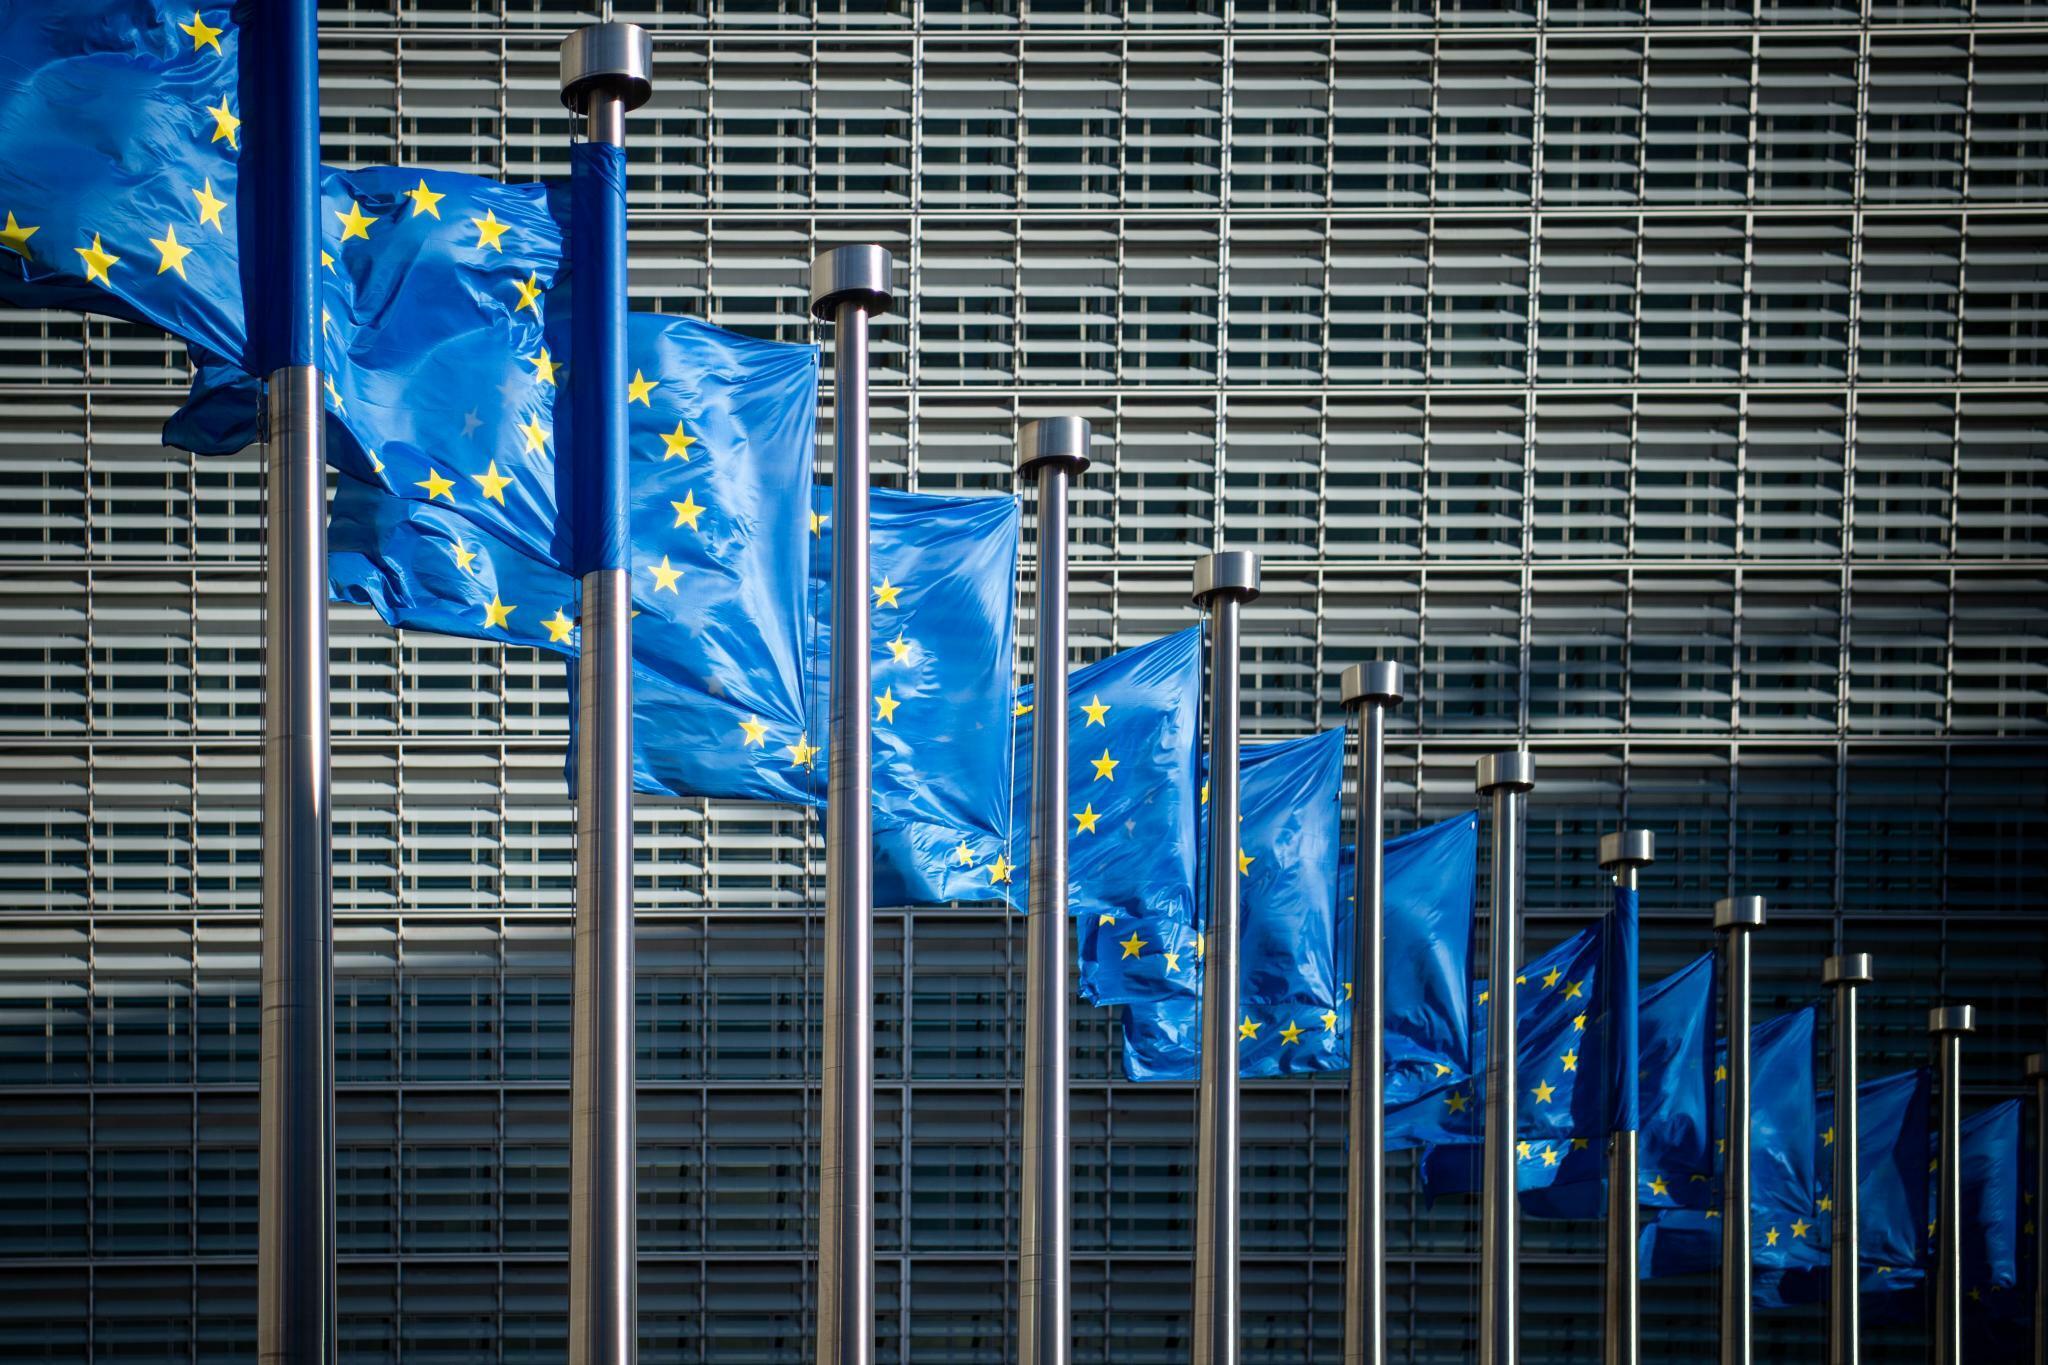 Europa: EU-Kommission: Acht Staaten drohen gegen Stabilitätspakt zu verstoßen